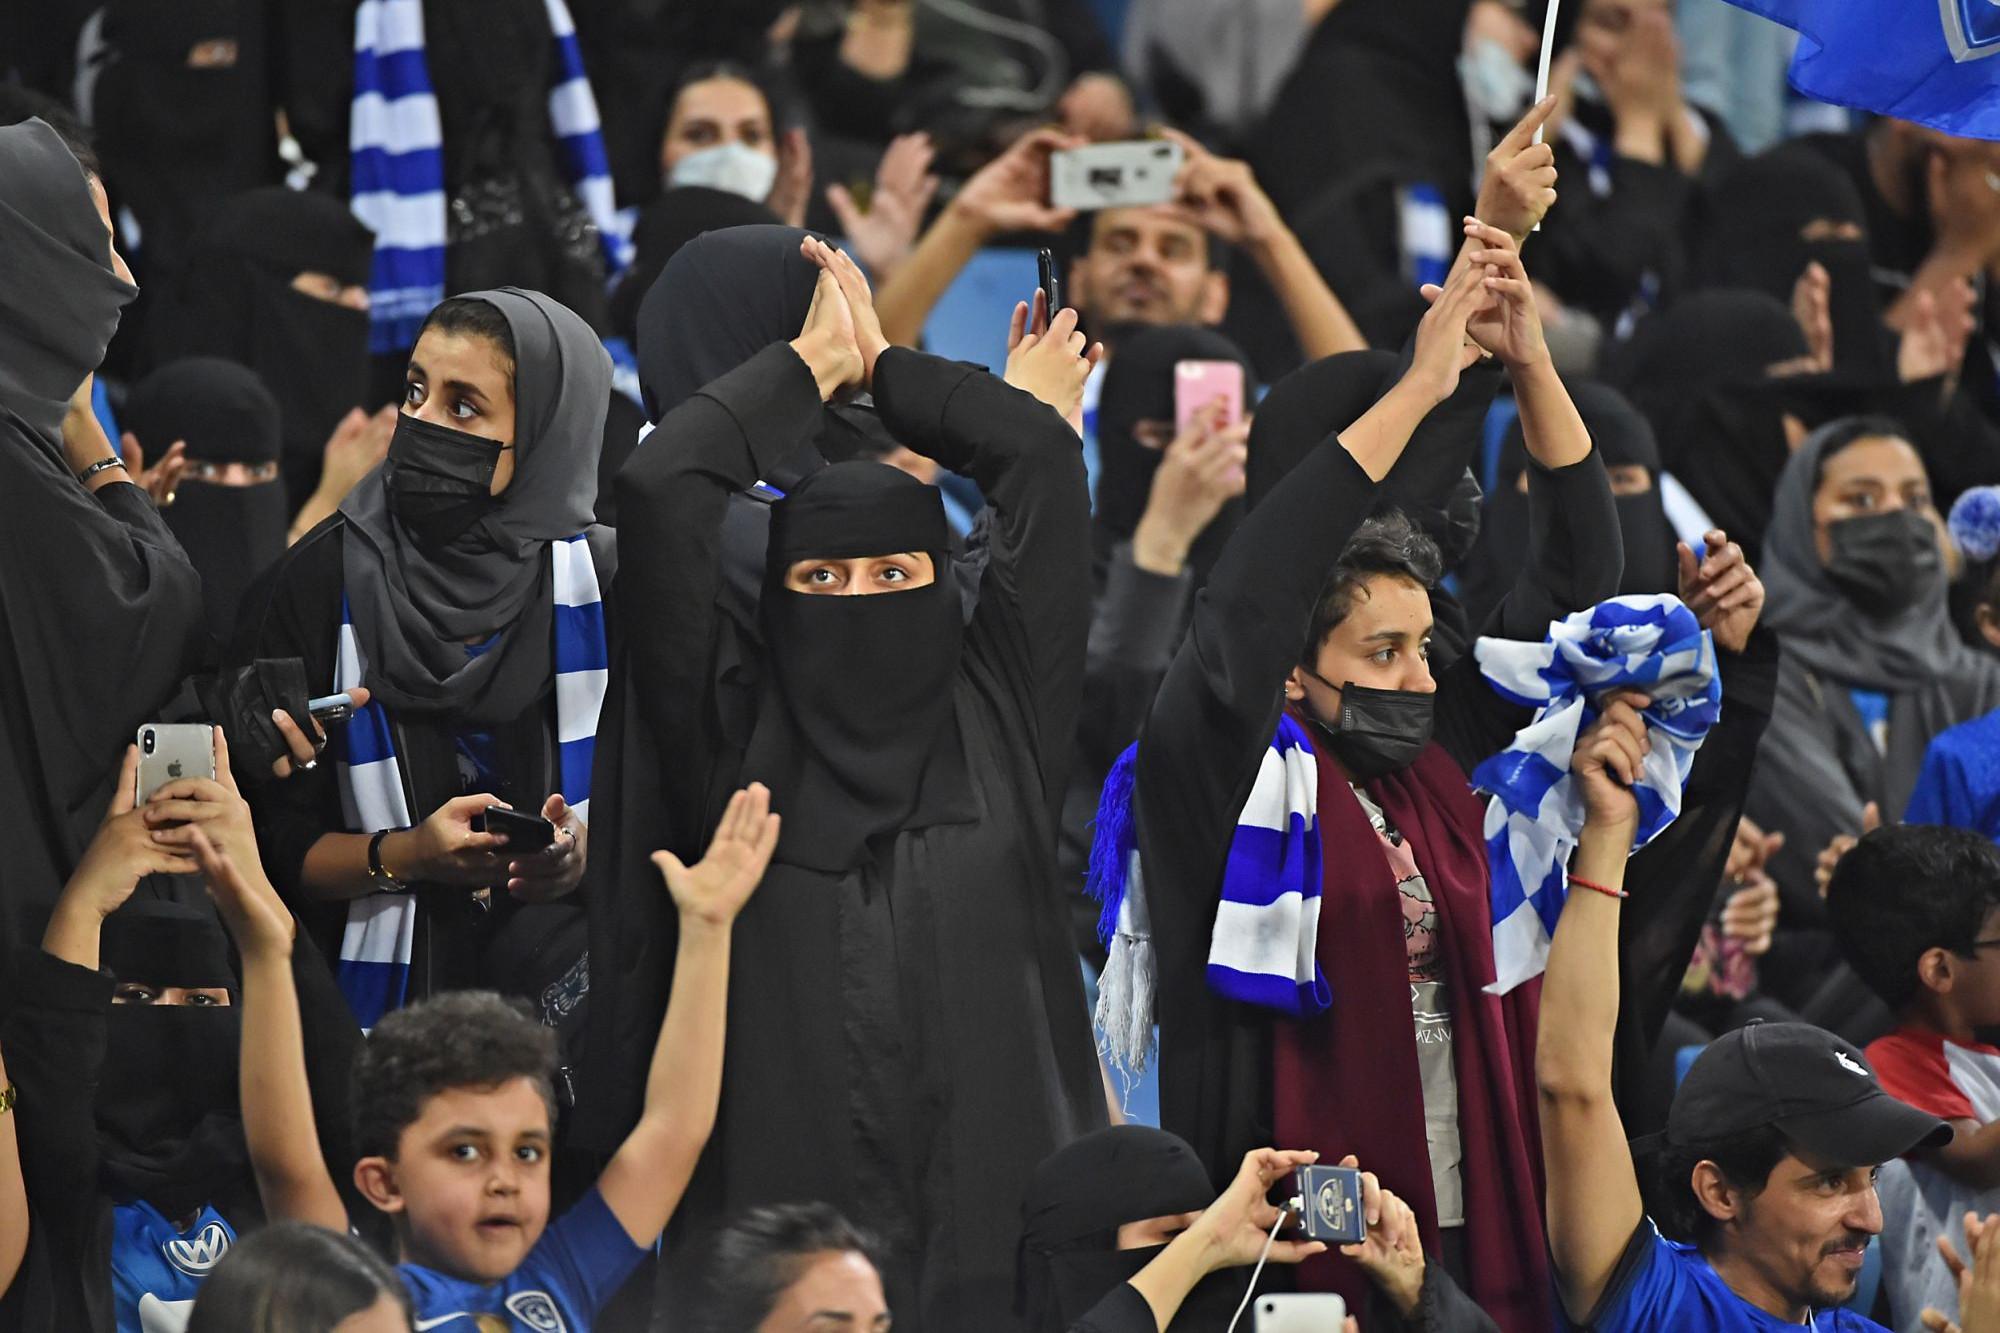 arab találkozó helyén